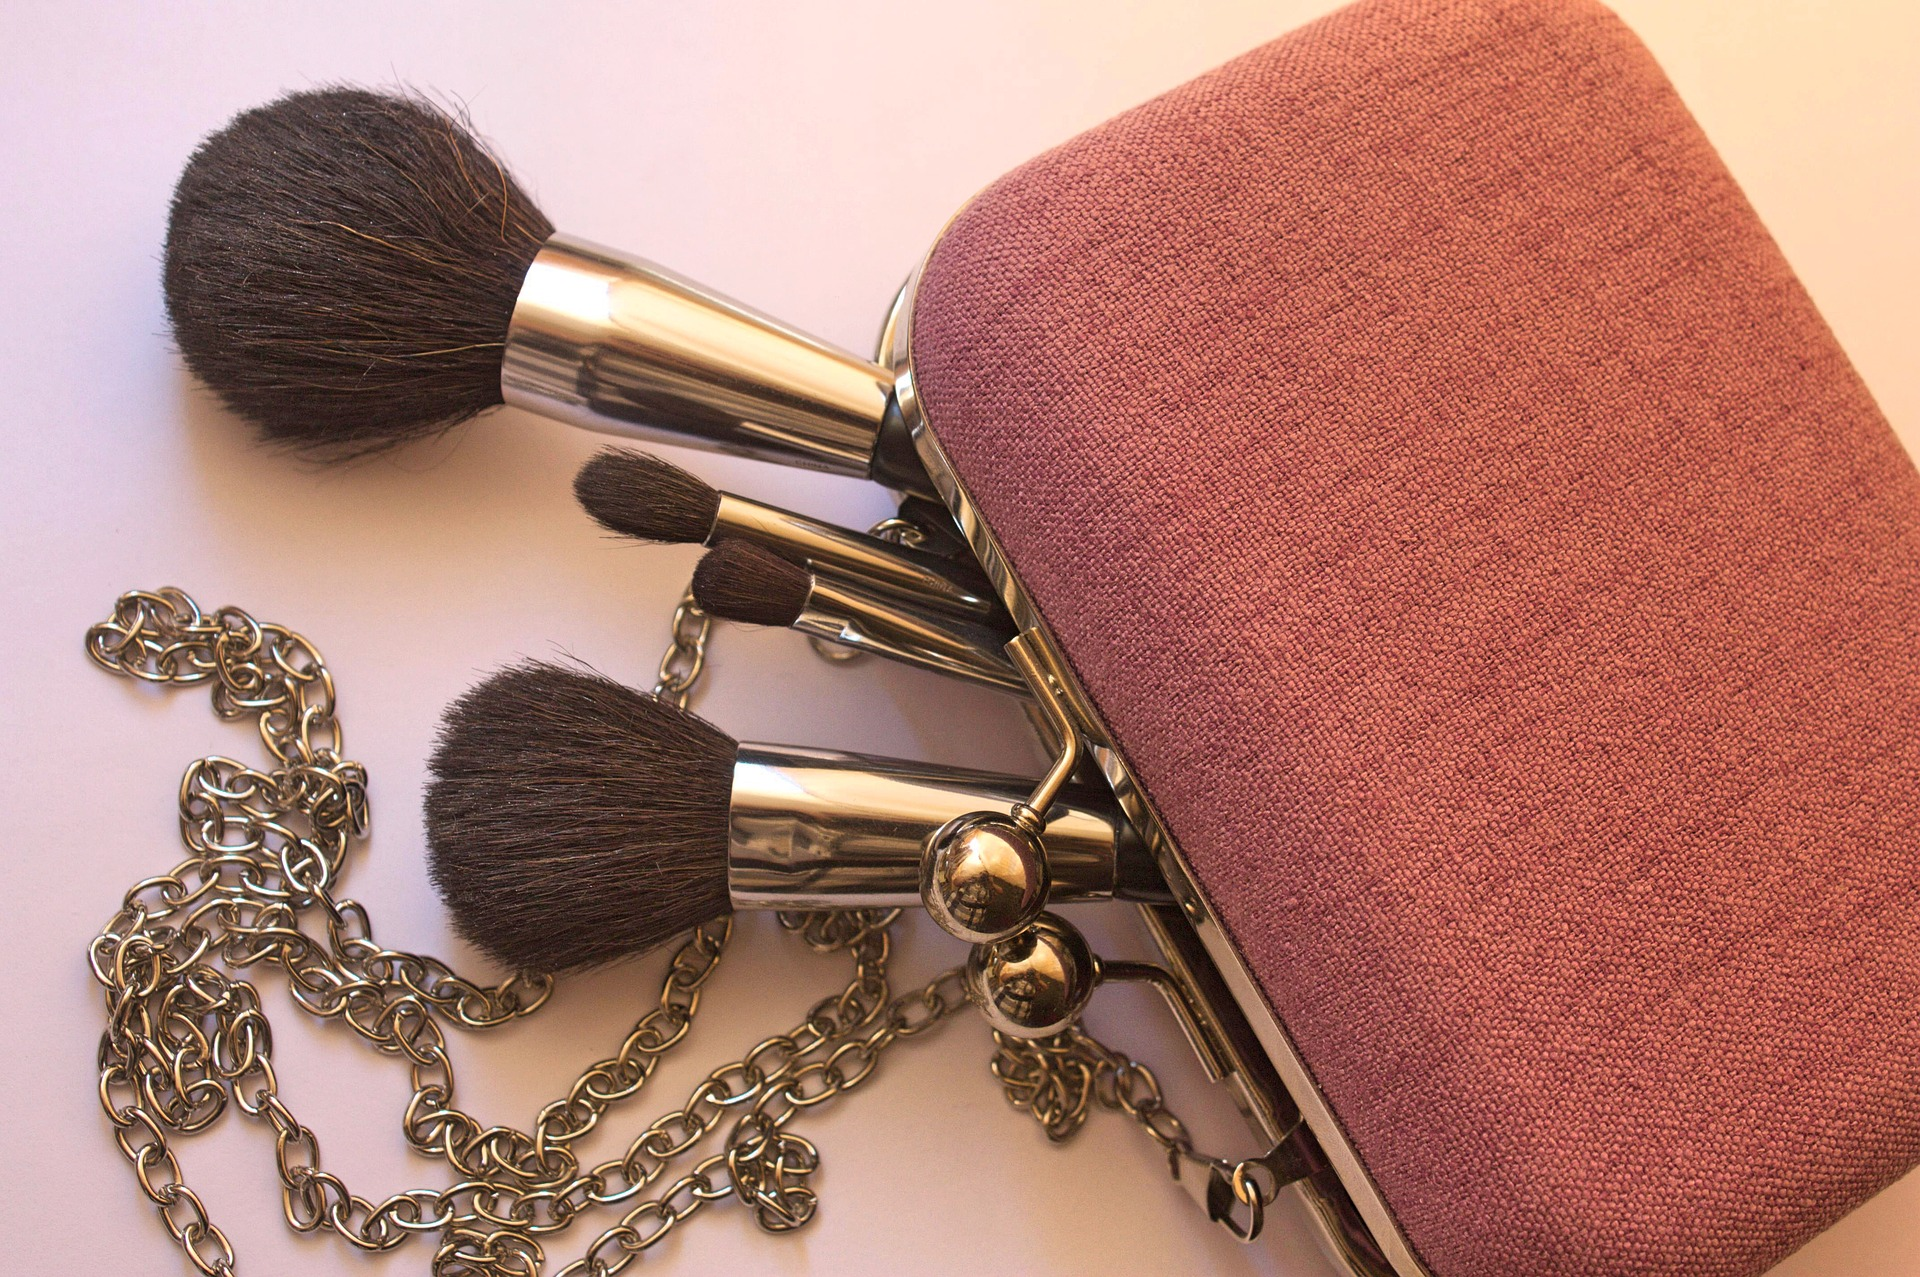 cosmetics-3583601_1920